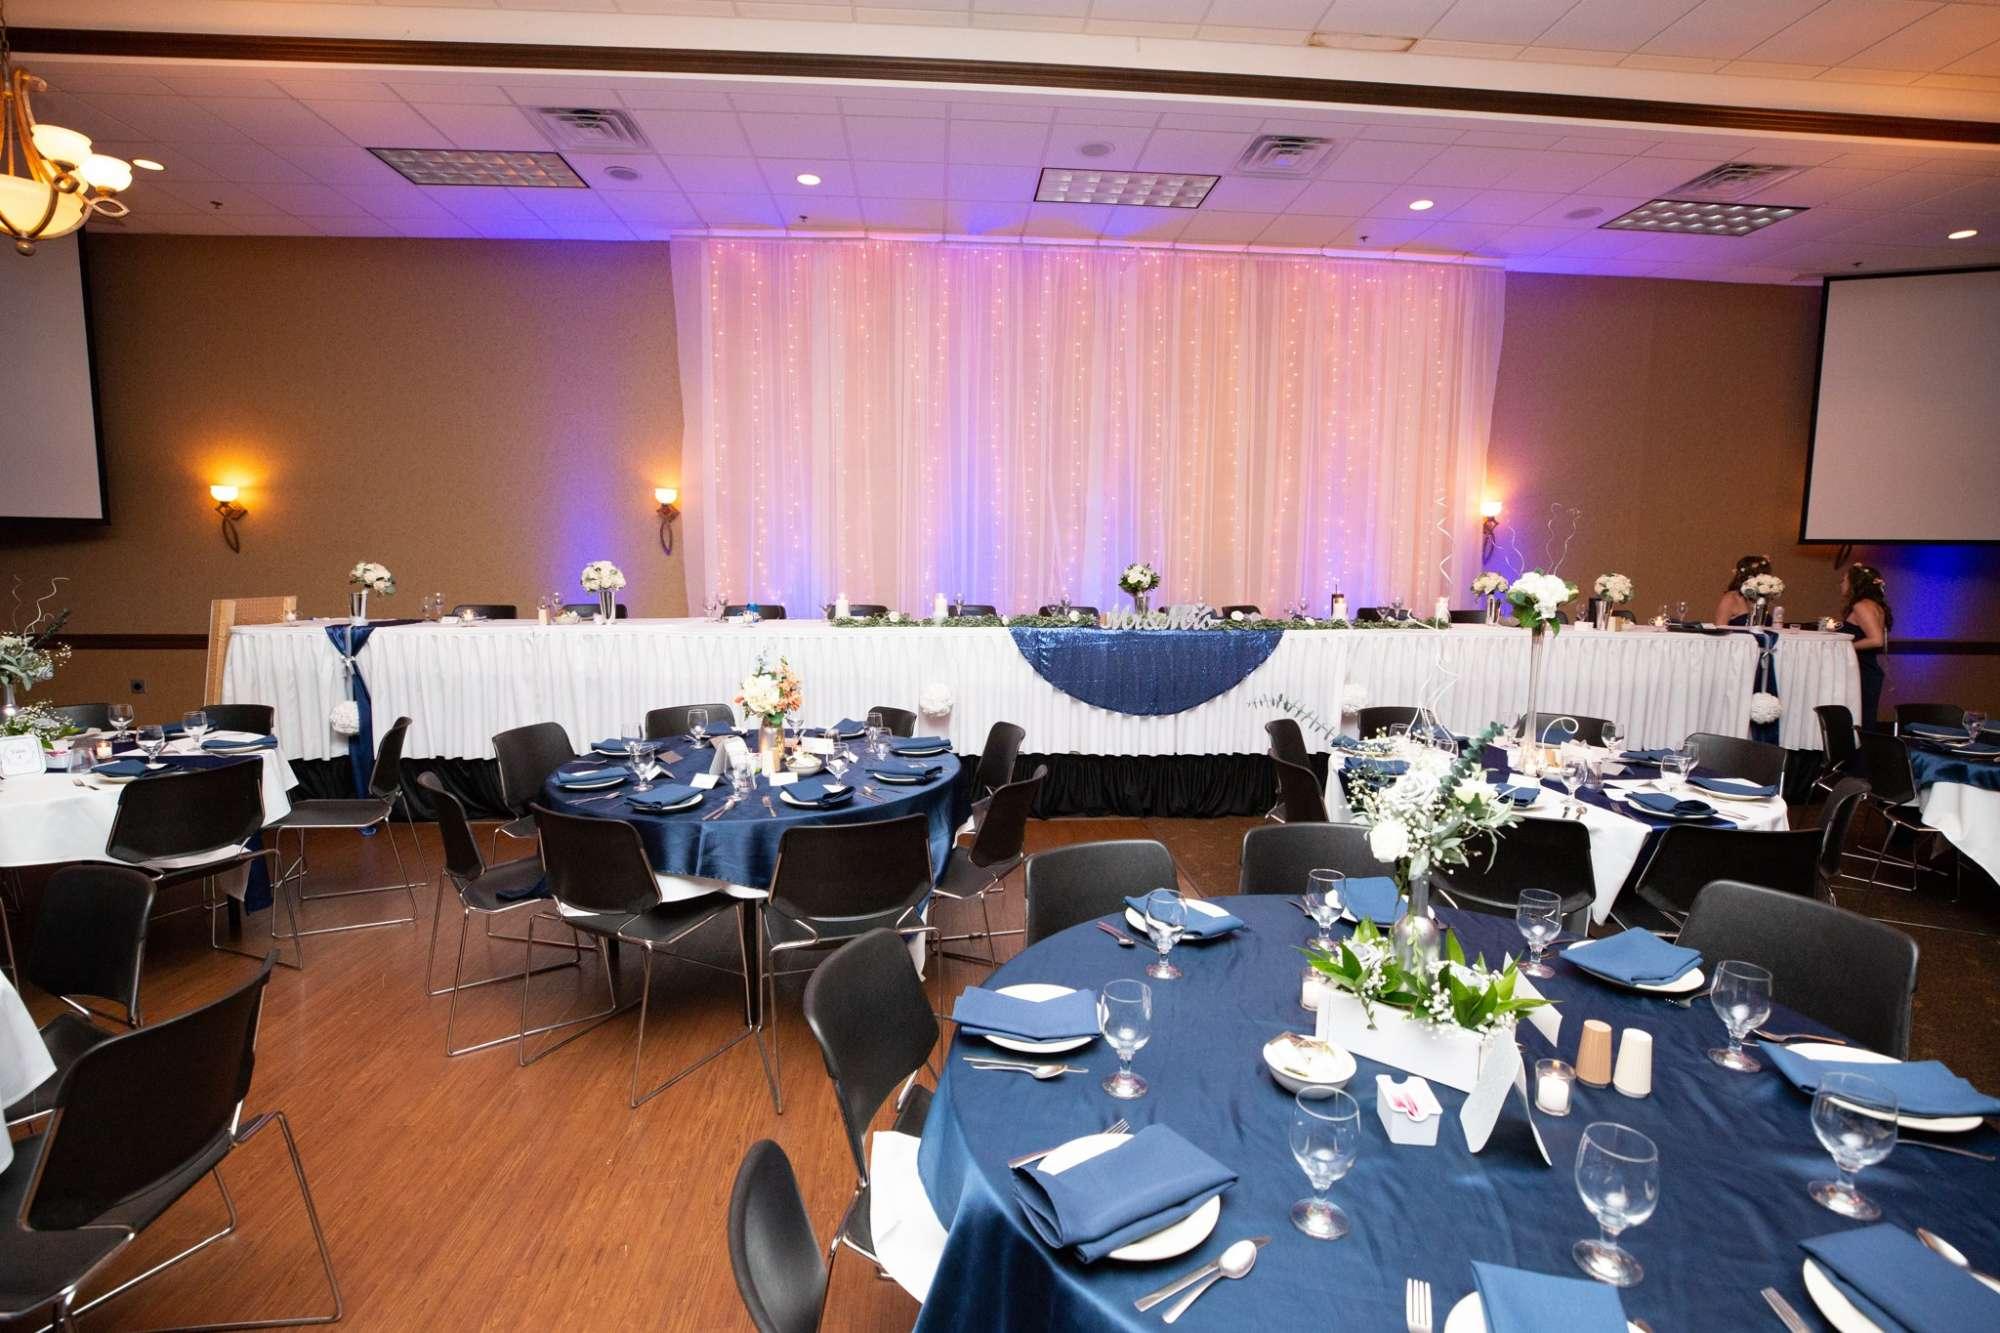 Swan Club Wedding Show 2022